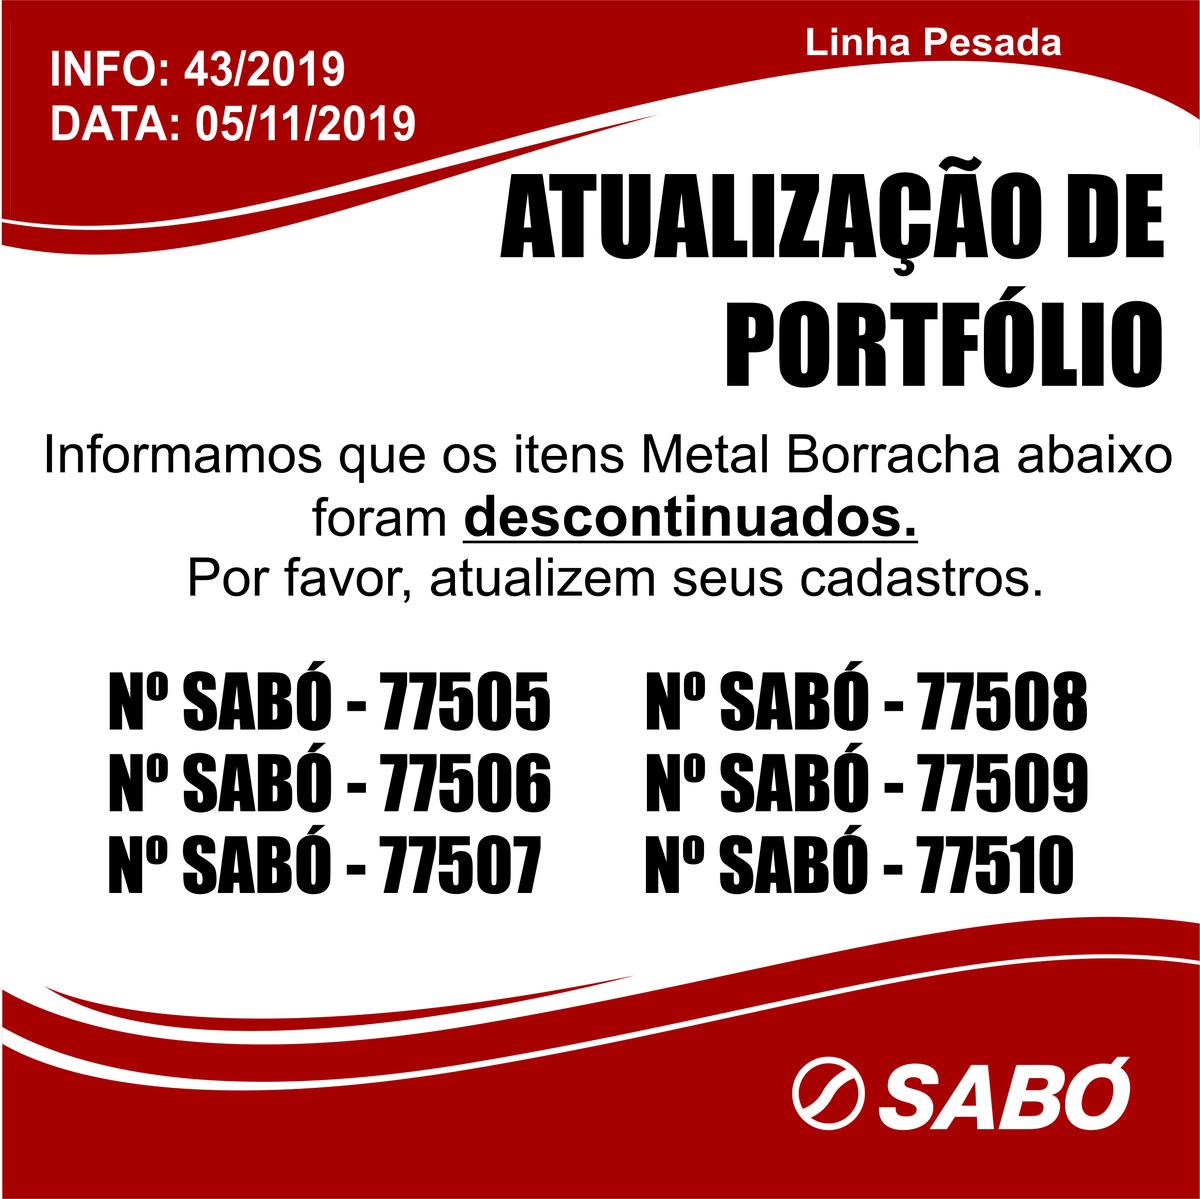 Info_043__Atualizaco_de_Portfolio